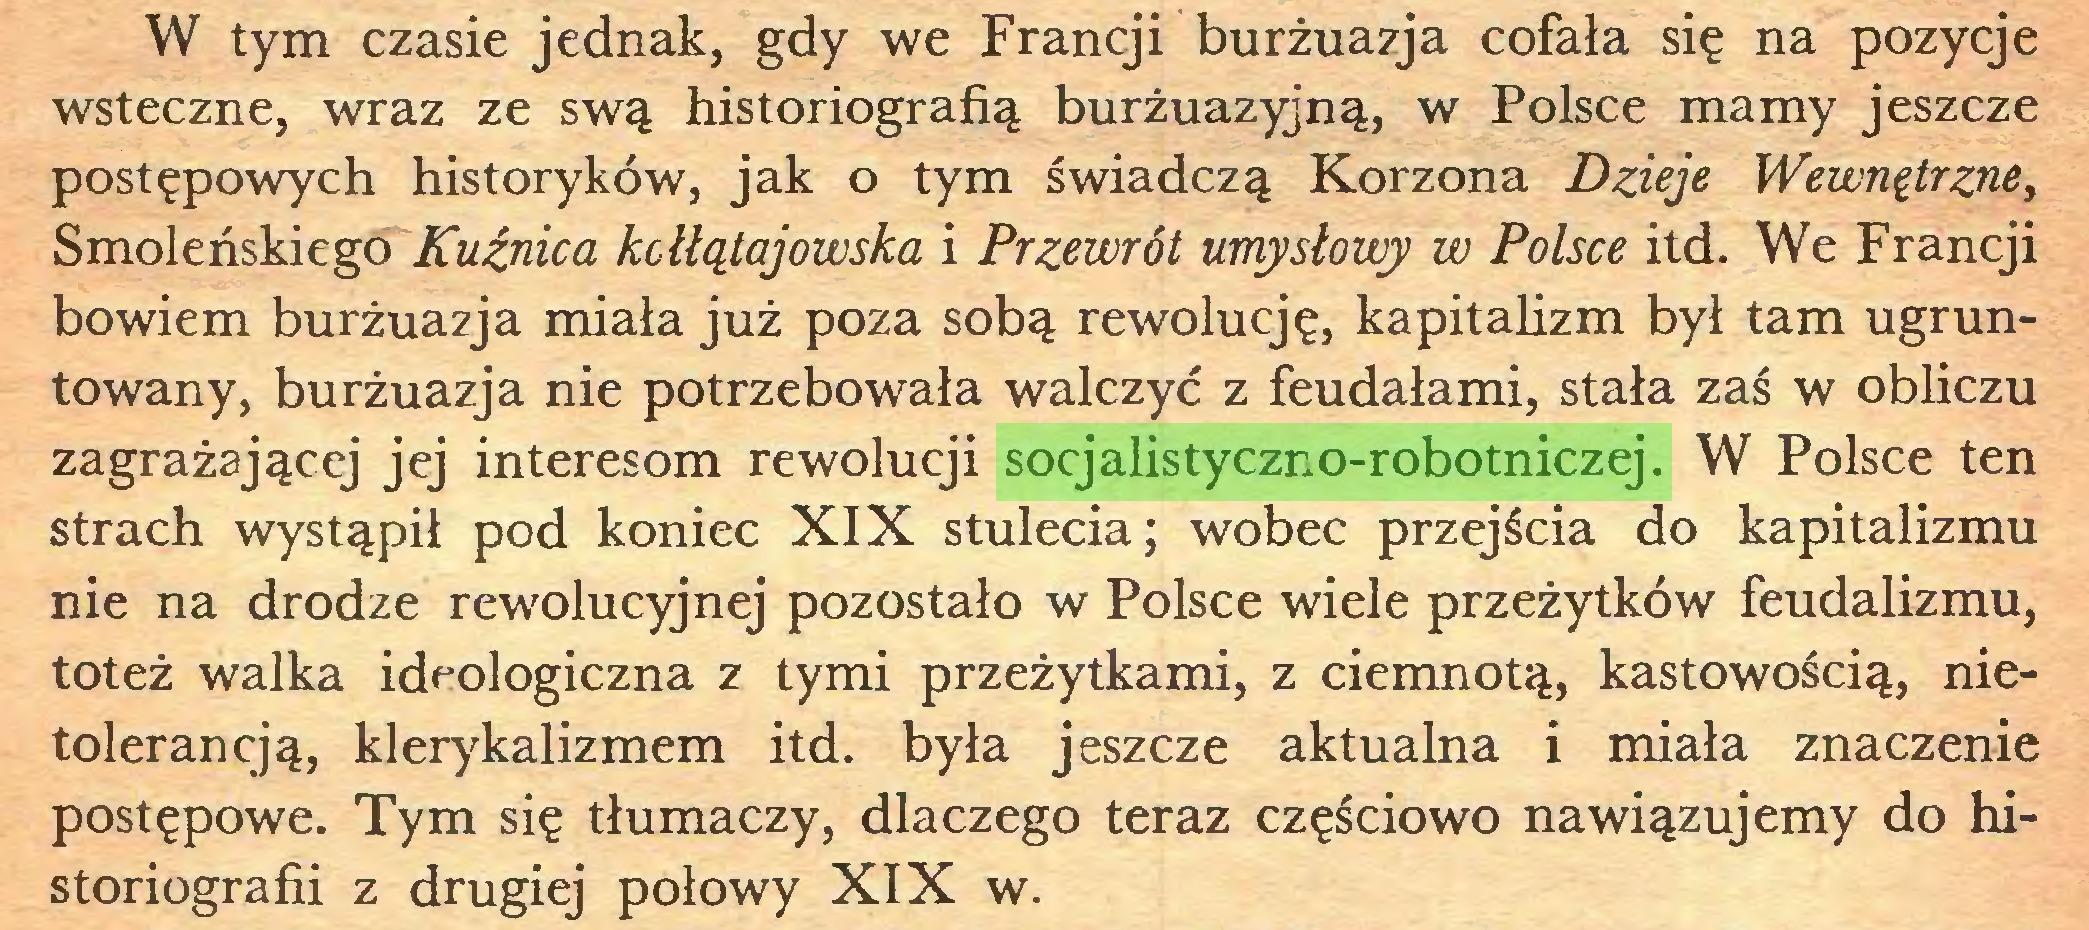 (...) W tym czasie jednak, gdy we Francji burżuazja cofała się na pozycje wsteczne, wraz ze swą historiografią burżuazyjną, w Polsce mamy jeszcze postępowych historyków, jak o tym świadczą Korzona Dzieje Wewnętrzne, Smoleńskiego Kuźnica kcłłątajowska i Przewrót umysłowy w Polsce itd. We Francji bowiem burżuazja miała już poza sobą rewolucję, kapitalizm był tam ugruntowany, burżuazja nie potrzebowała walczyć z feudałami, stała zaś w obliczu zagrażającej jej interesom rewolucji socjalistyczno-robotniczej. W Polsce ten strach wystąpił pod koniec XIX stulecia; wobec przejścia do kapitalizmu nie na drodze rewolucyjnej pozostało w Polsce wiele przeżytków feudalizmu, toteż walka ideologiczna z tymi przeżytkami, z ciemnotą, kastowością, nietolerancją, klerykalizmem itd. była jeszcze aktualna i miała znaczenie postępowe. Tym się tłumaczy, dlaczego teraz częściowo nawiązujemy do historiografii z drugiej połowy XIX w...